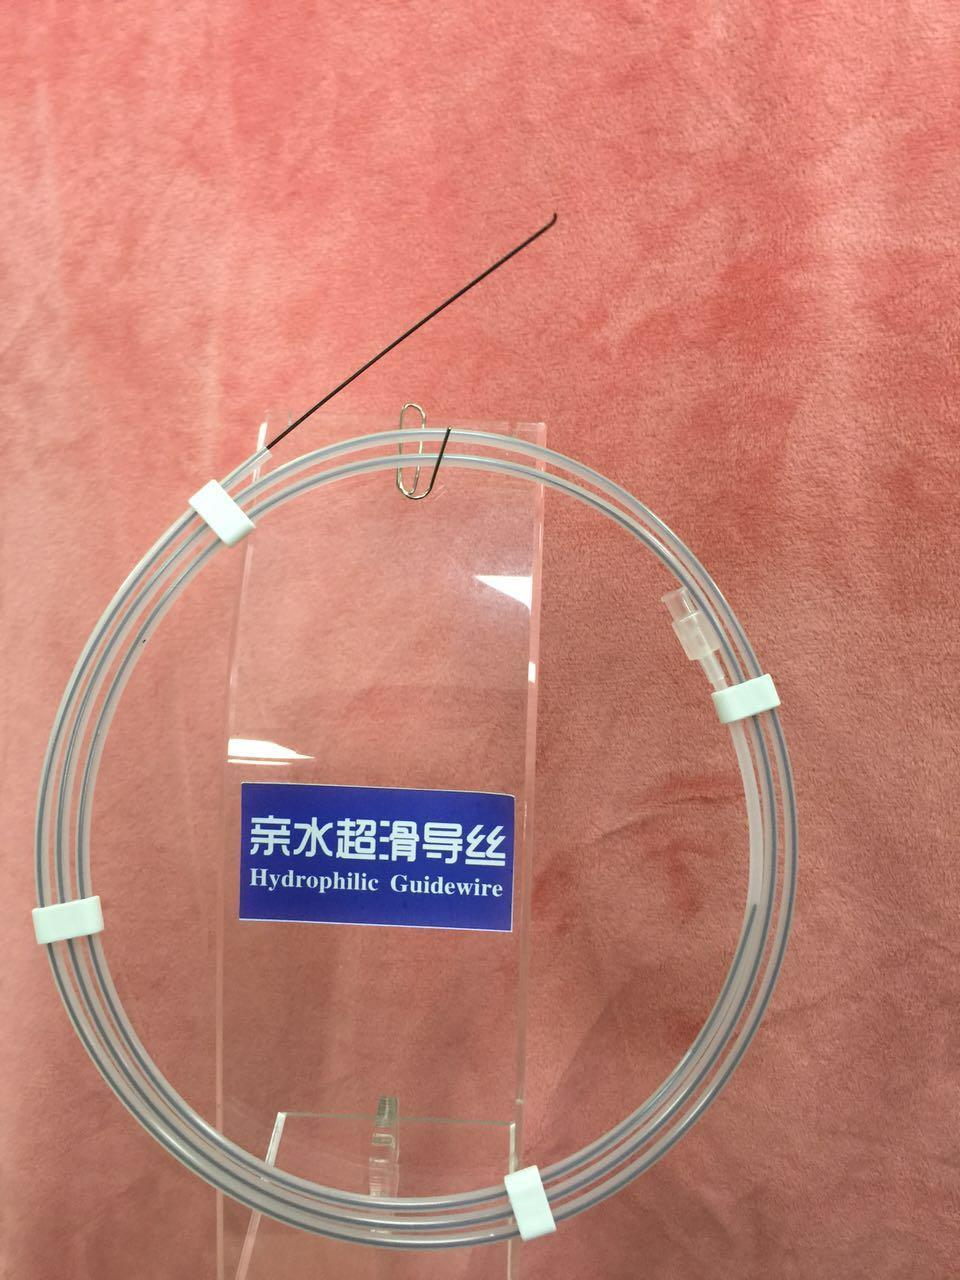 湘潭专业的亲水超滑导丝